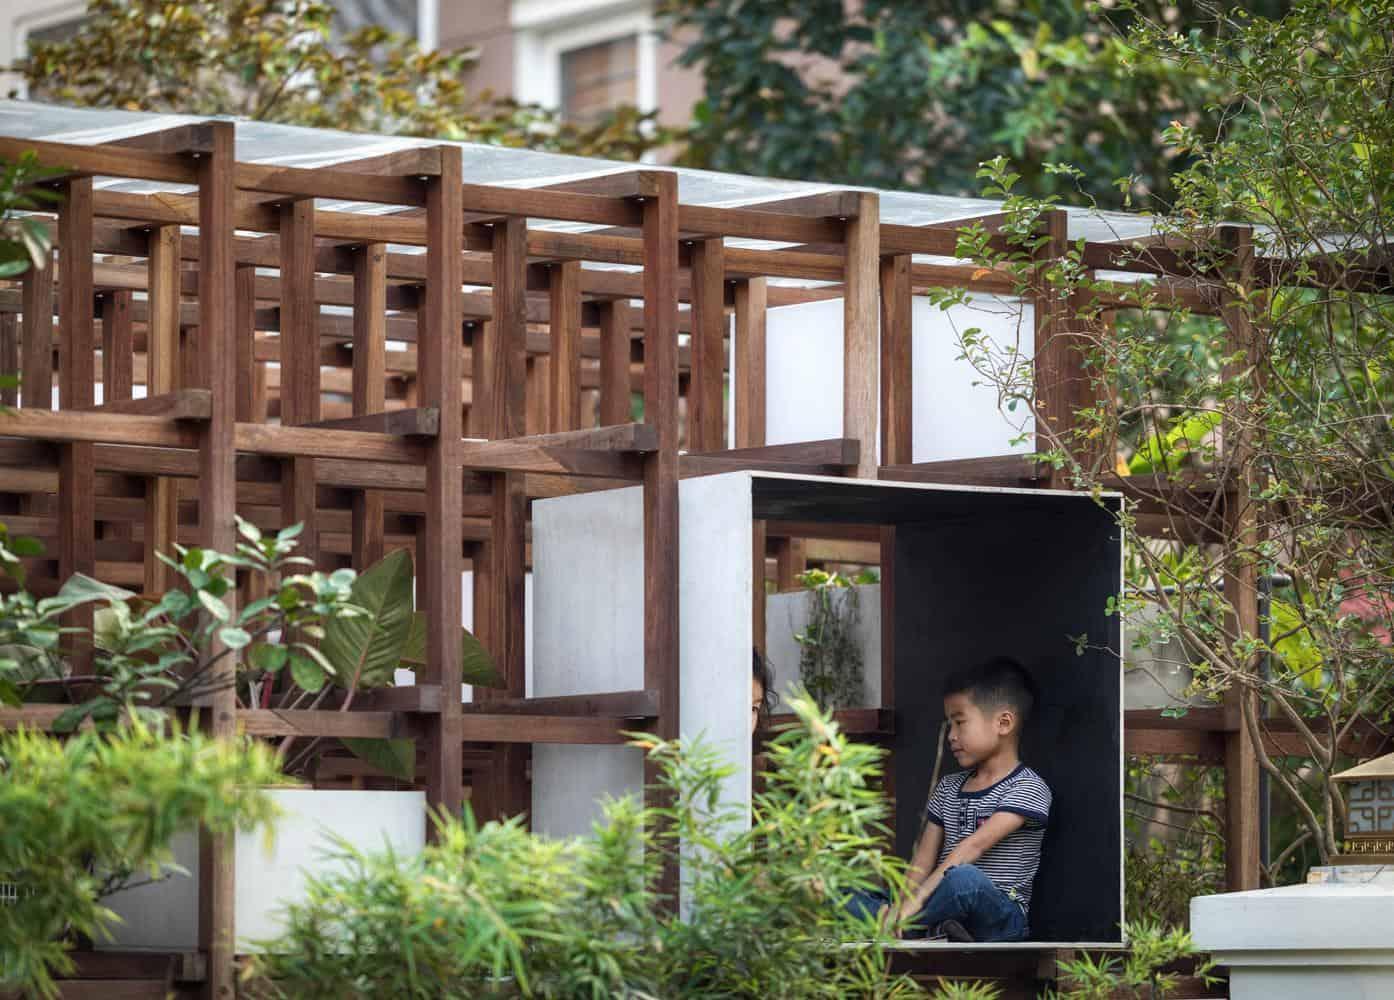 Tối ưu 55m2 nhà thành phố với thiết kế đặc biệt: vừa có thư viện, vừa trồng được rau sạch